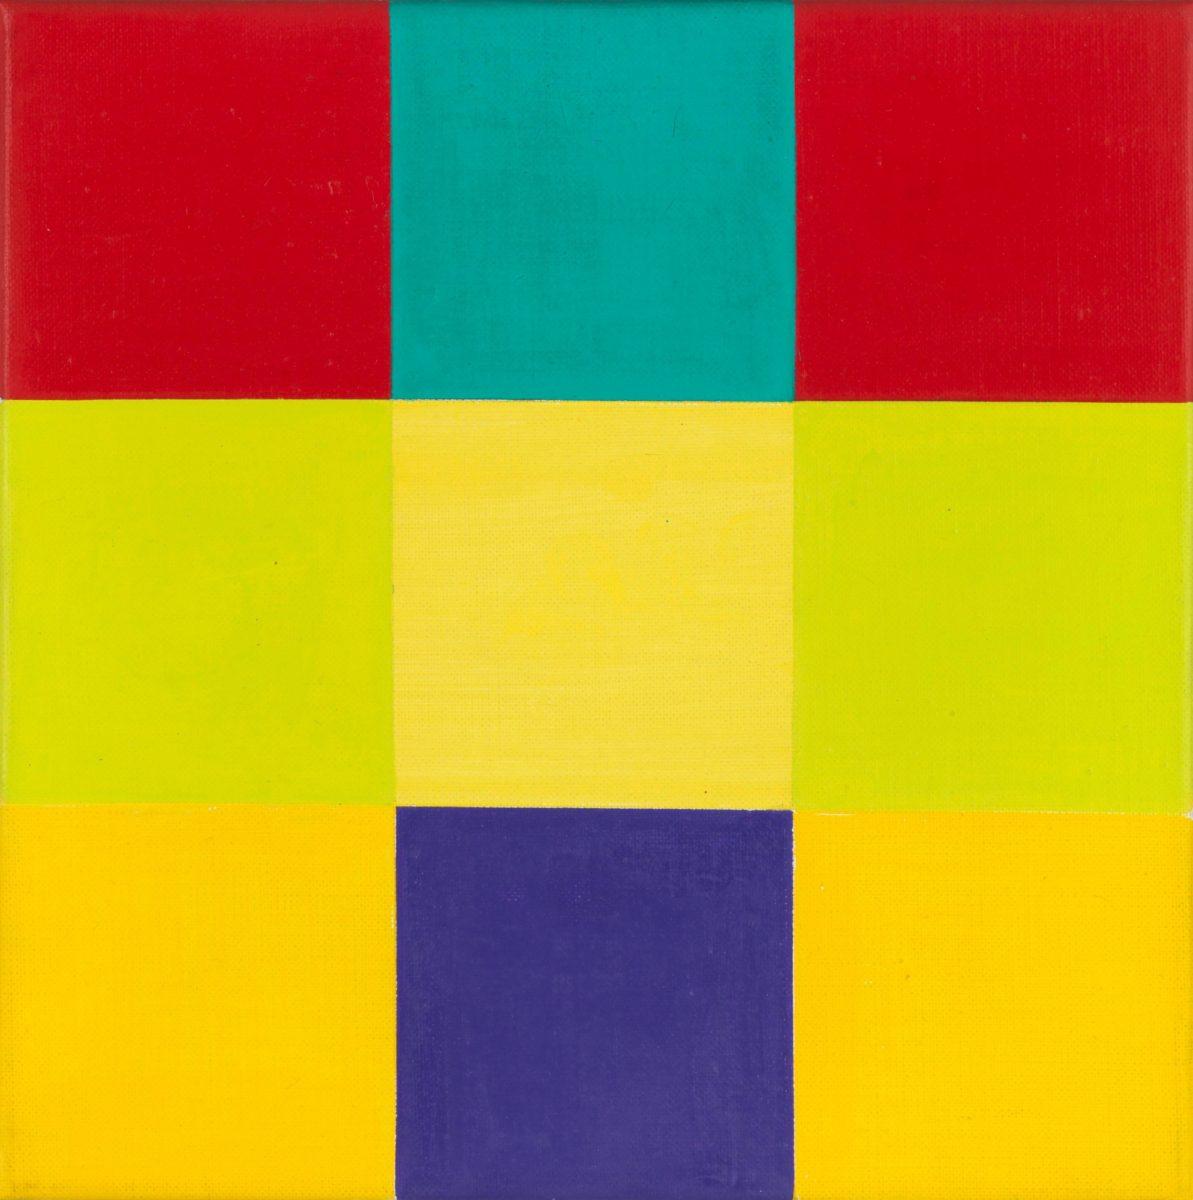 LOHSE Entwurf B zu waagerechte Dominante mit violettem Quadrat R Lo M 1 001 L